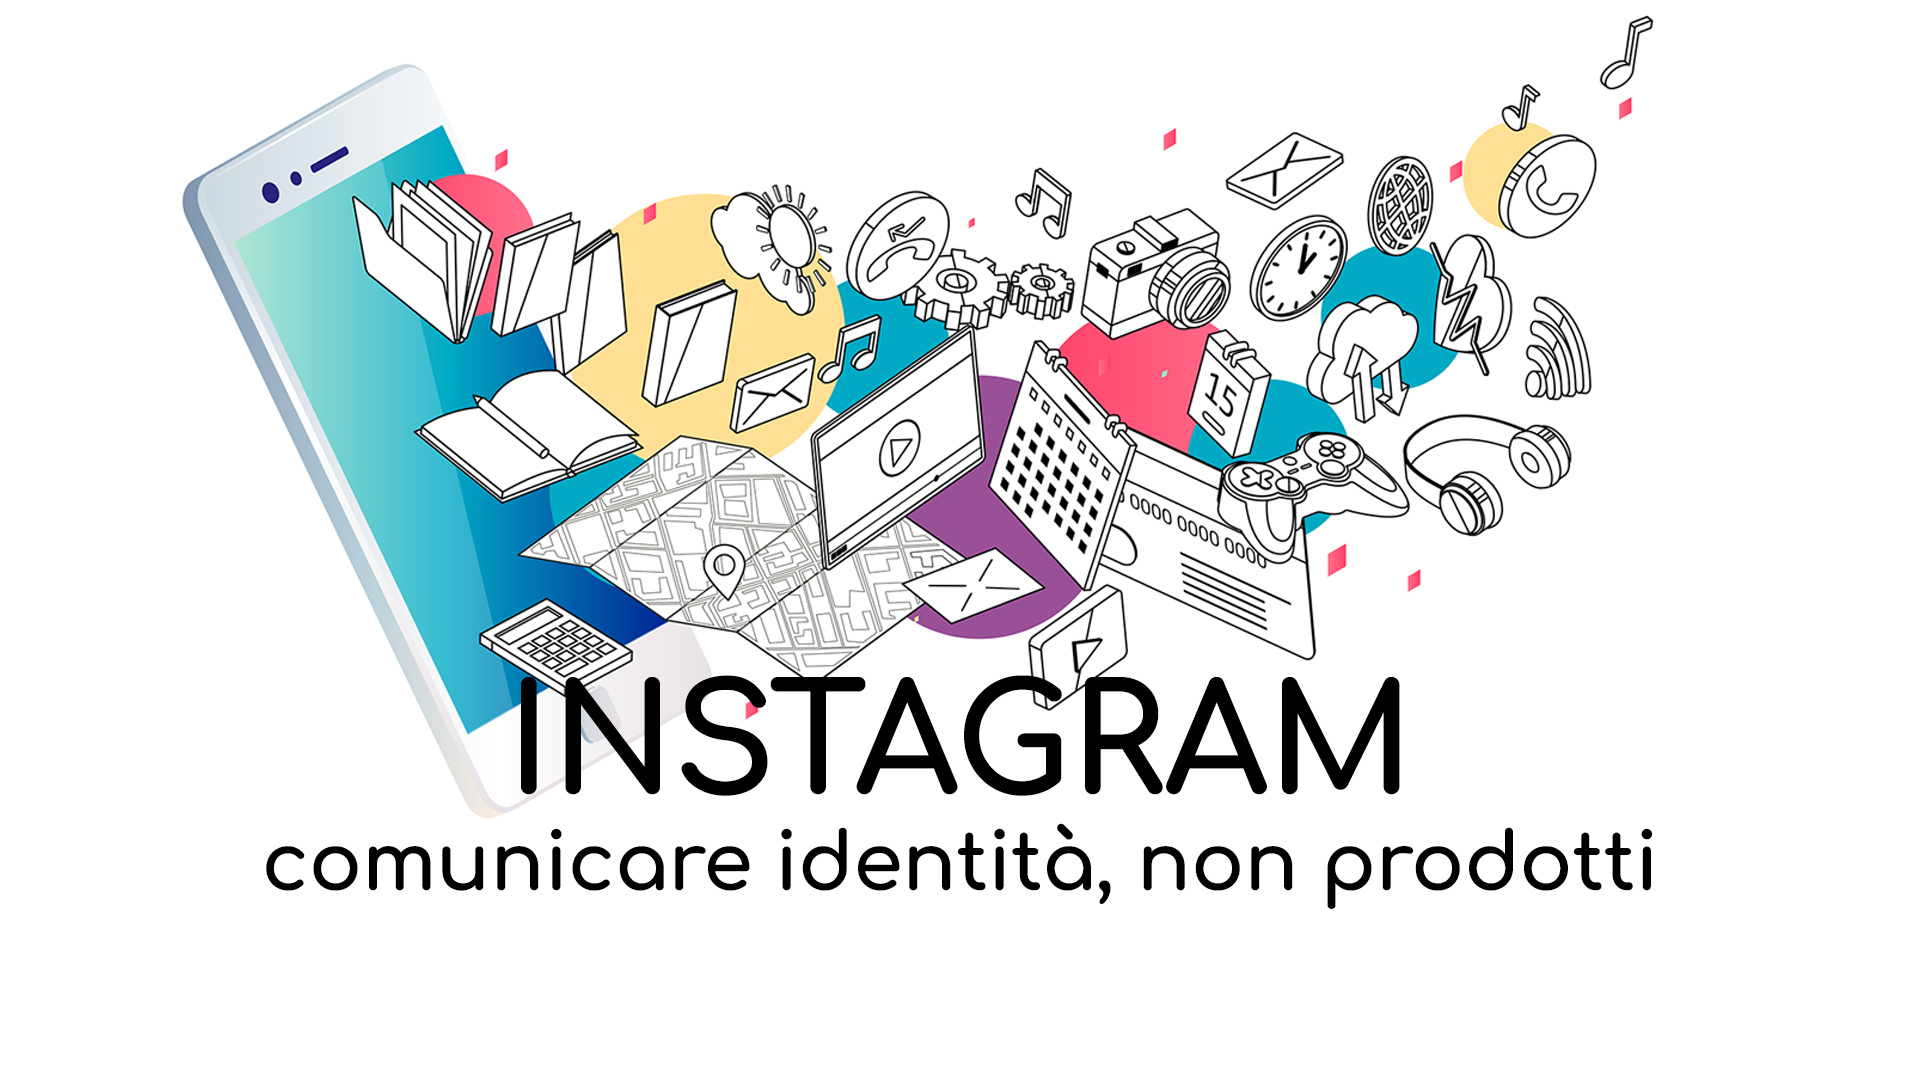 Loomen Studio Agenzia Comunicazione Roma - Social Media Instagram - Comunicare identità non prodotti